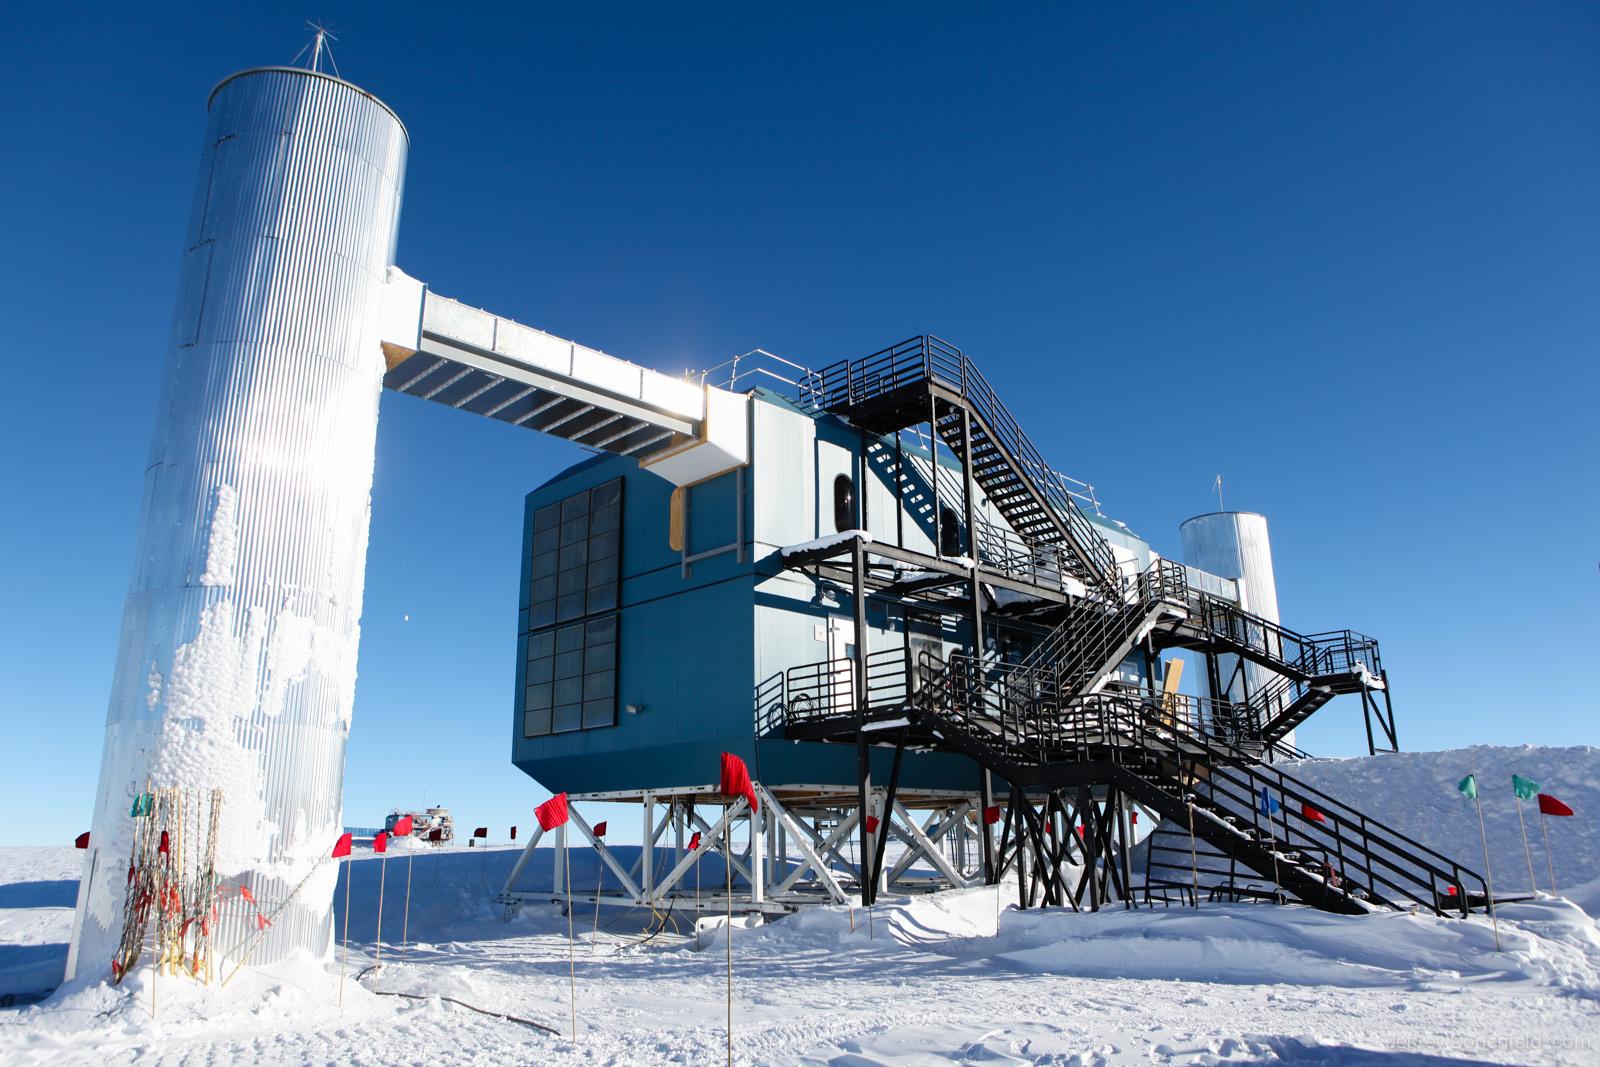 IceCube Neutrino Observatory in Antarctica Confirms ...Icecube Neutrino Observatory Core